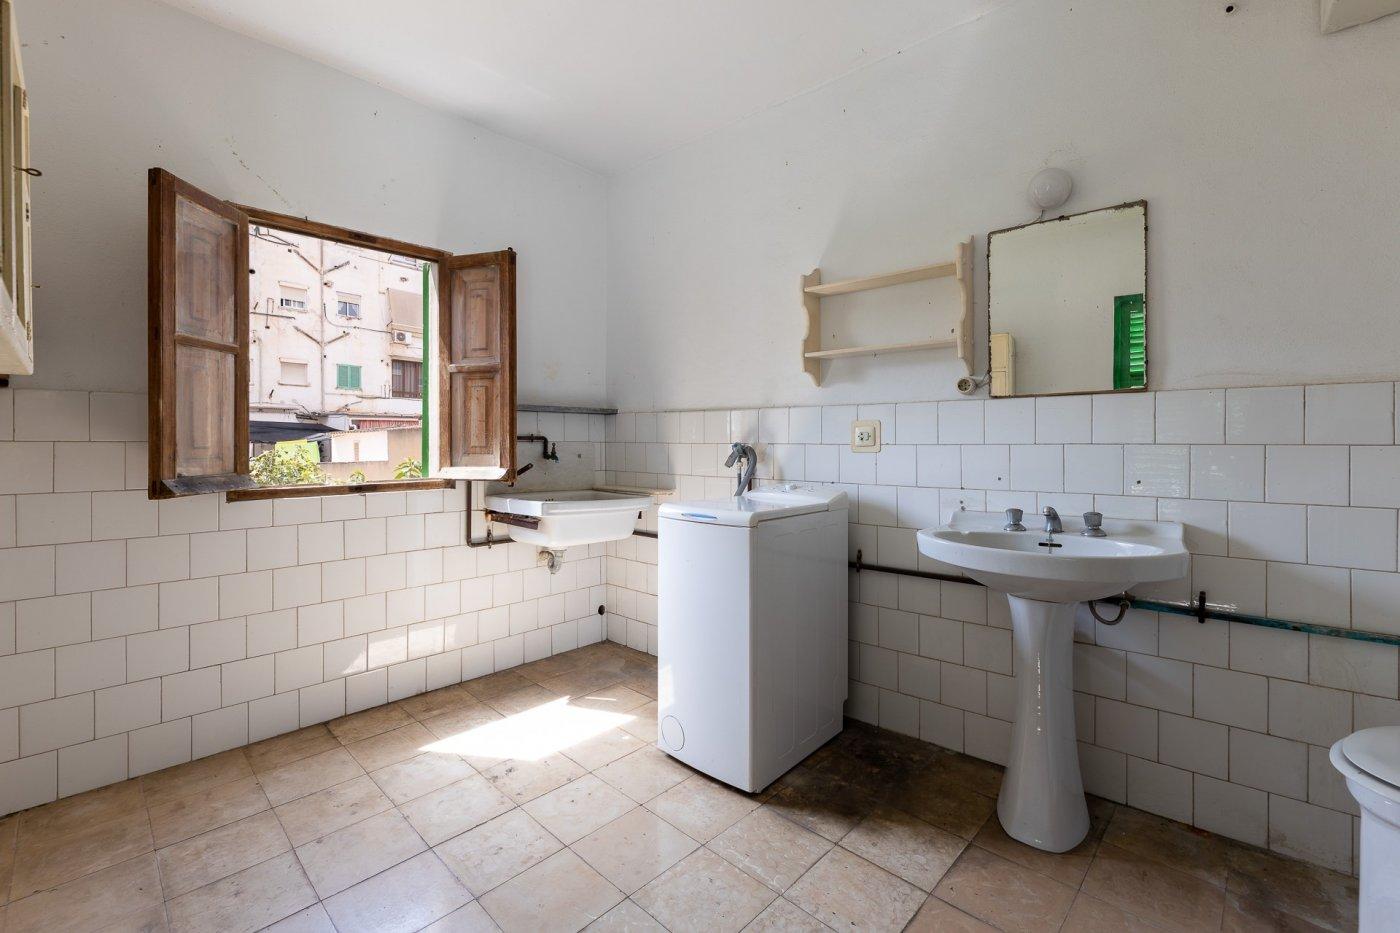 Casa con jardin en els hostalets, palma - imagenInmueble33